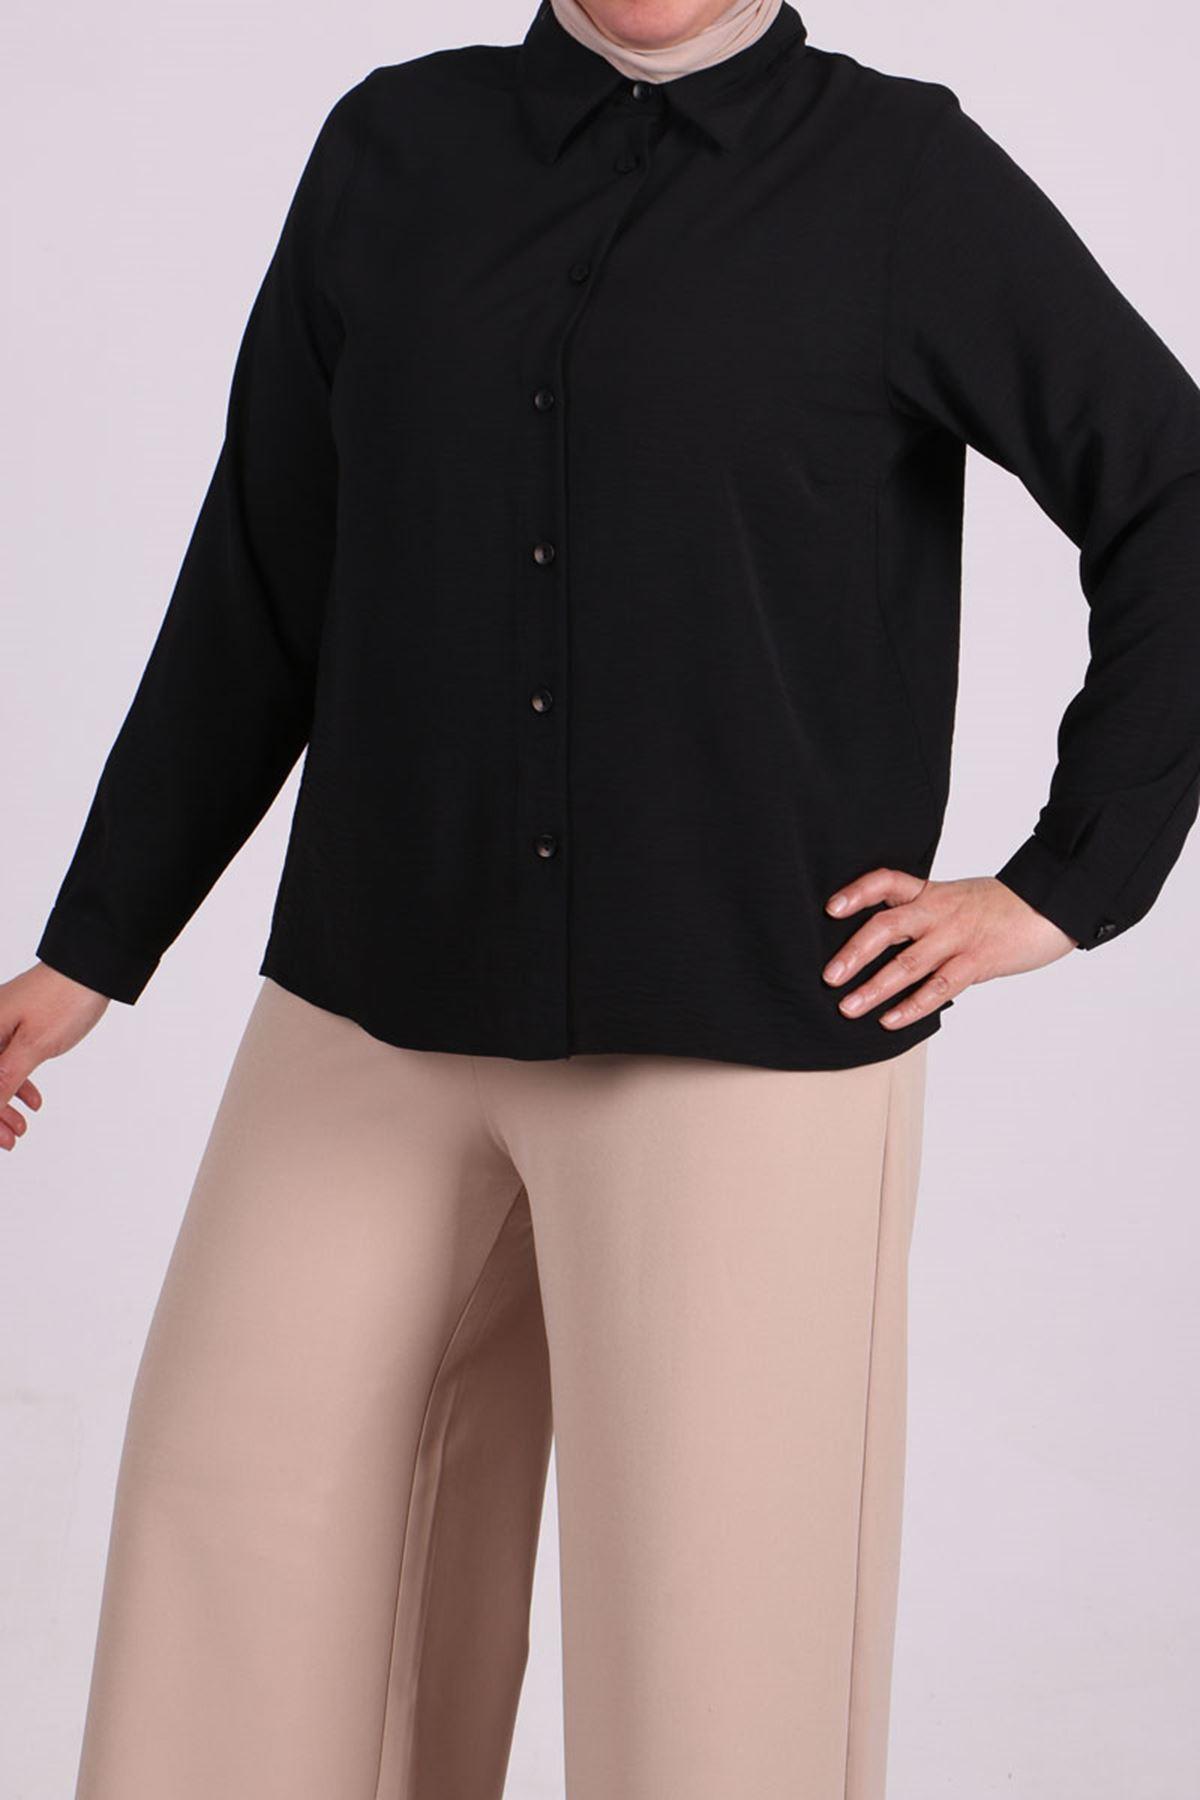 8449 Büyük Beden Airobin Kısa Gömlek - Siyah